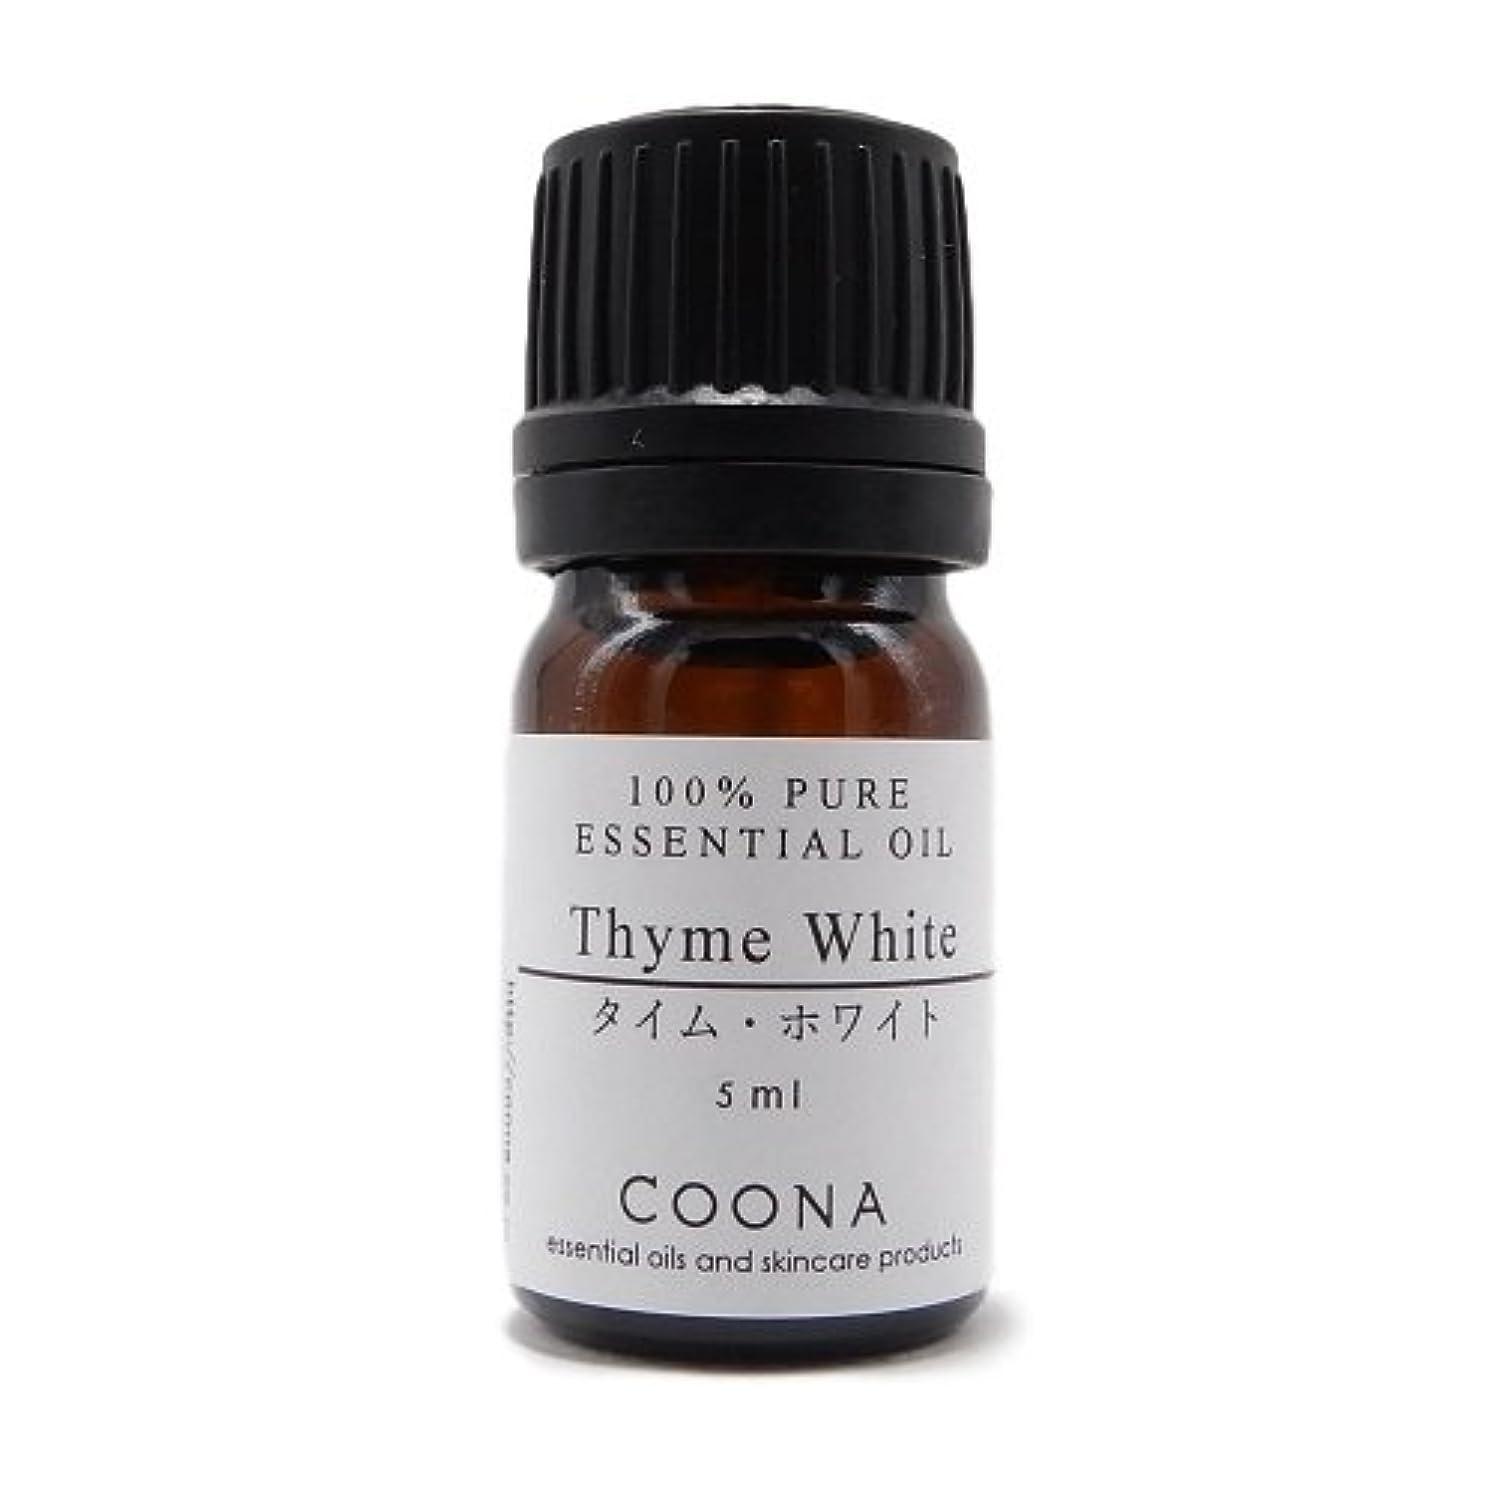 小川ゴネリル分数タイム ホワイト 5 ml (COONA エッセンシャルオイル アロマオイル 100%天然植物精油)